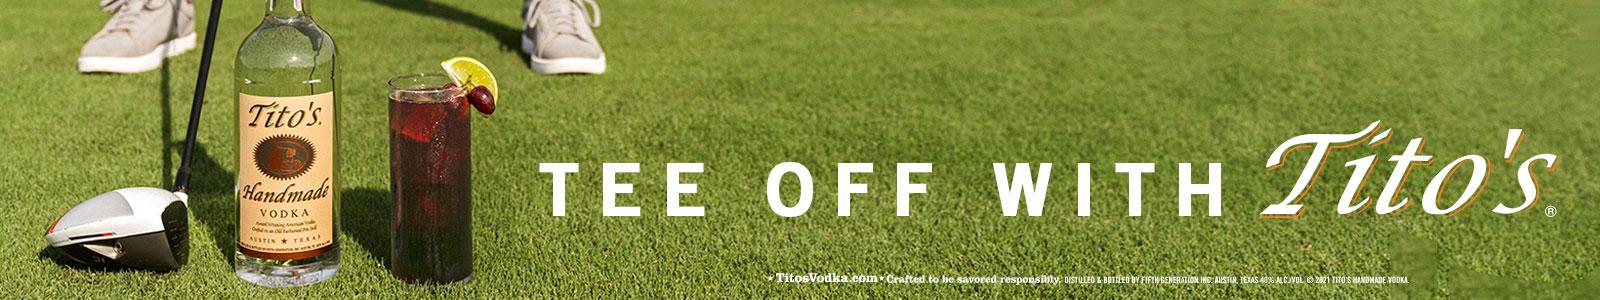 Titos Golf Ad June 2021